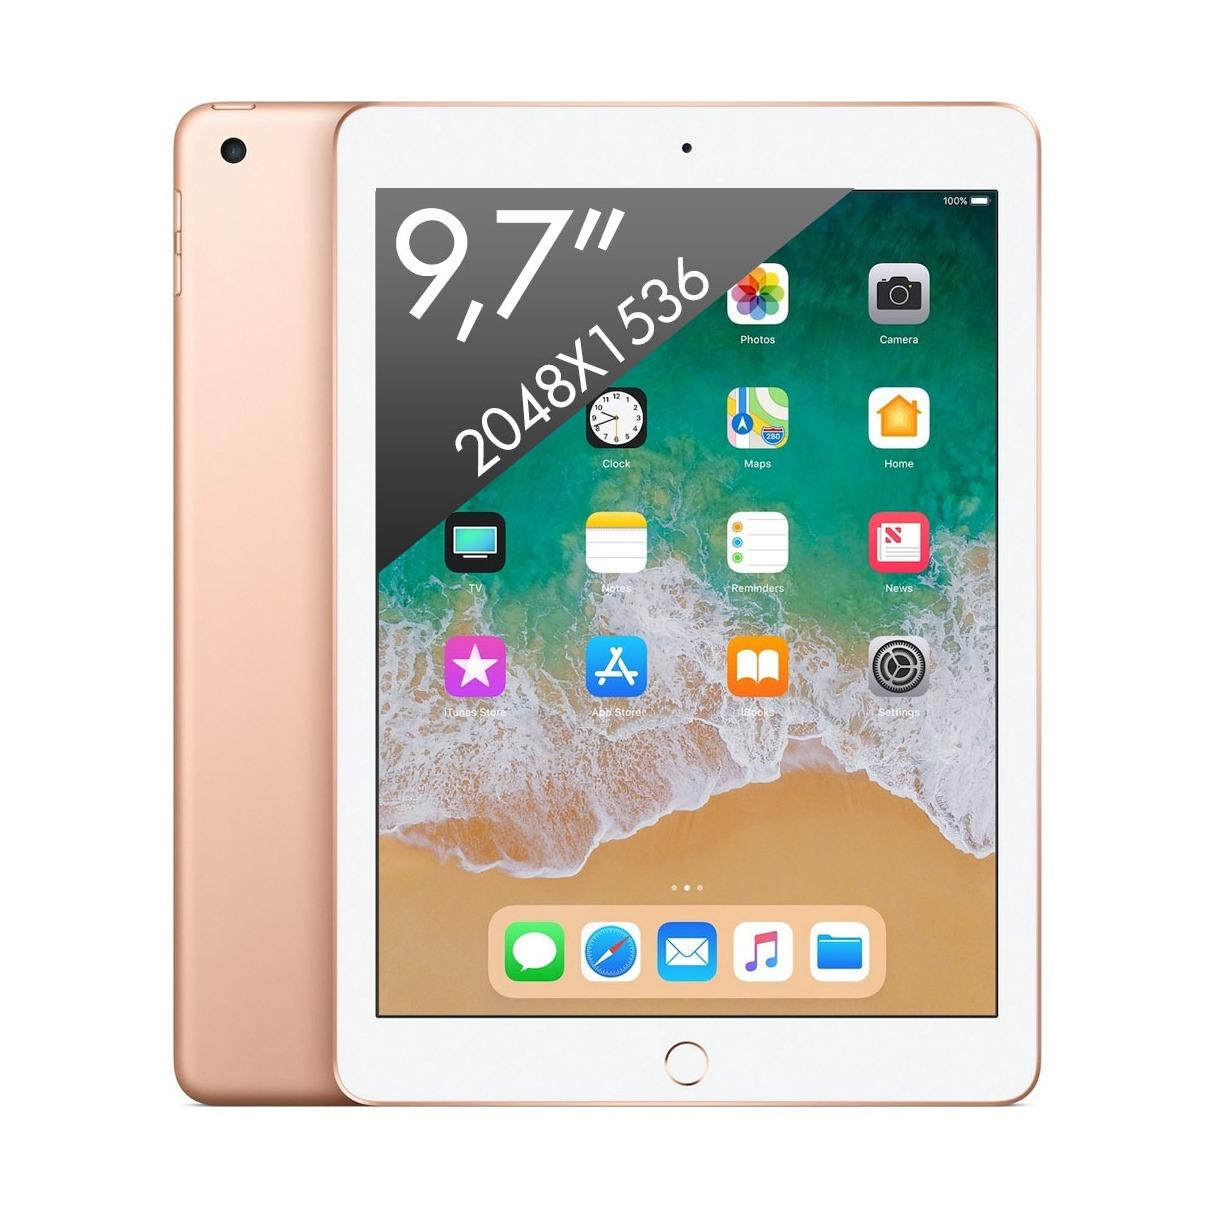 Telefoonleader - Apple iPad (2018) Wifi (32GB) goud